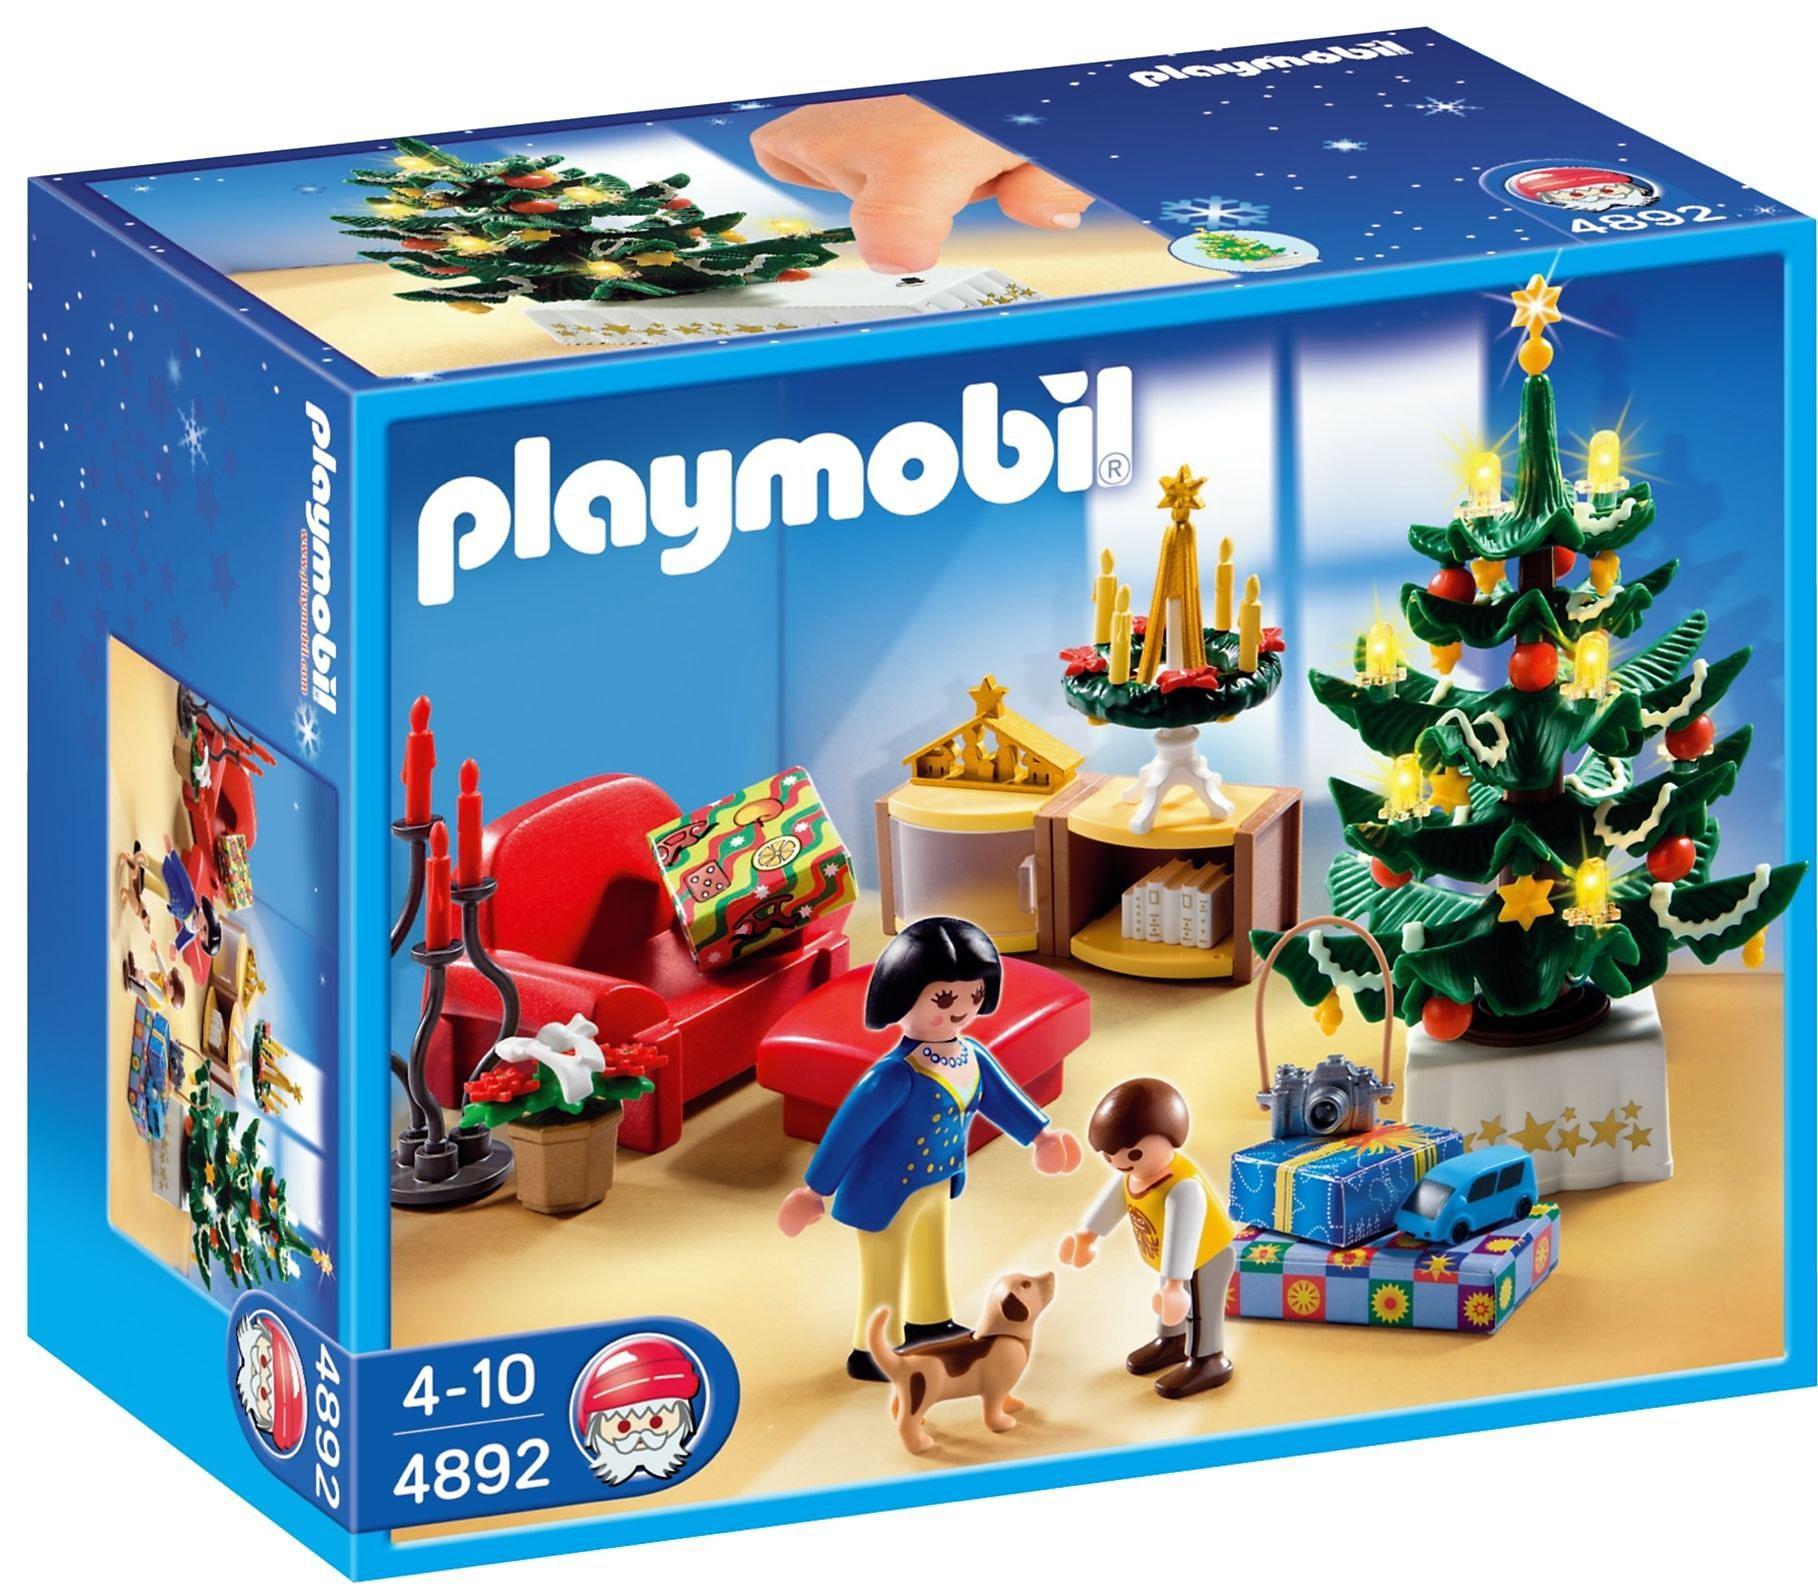 Playmobil Weihnachtsbaum.Playmobil 4892 Weihnachtszimmer Bestellen Weltbild De